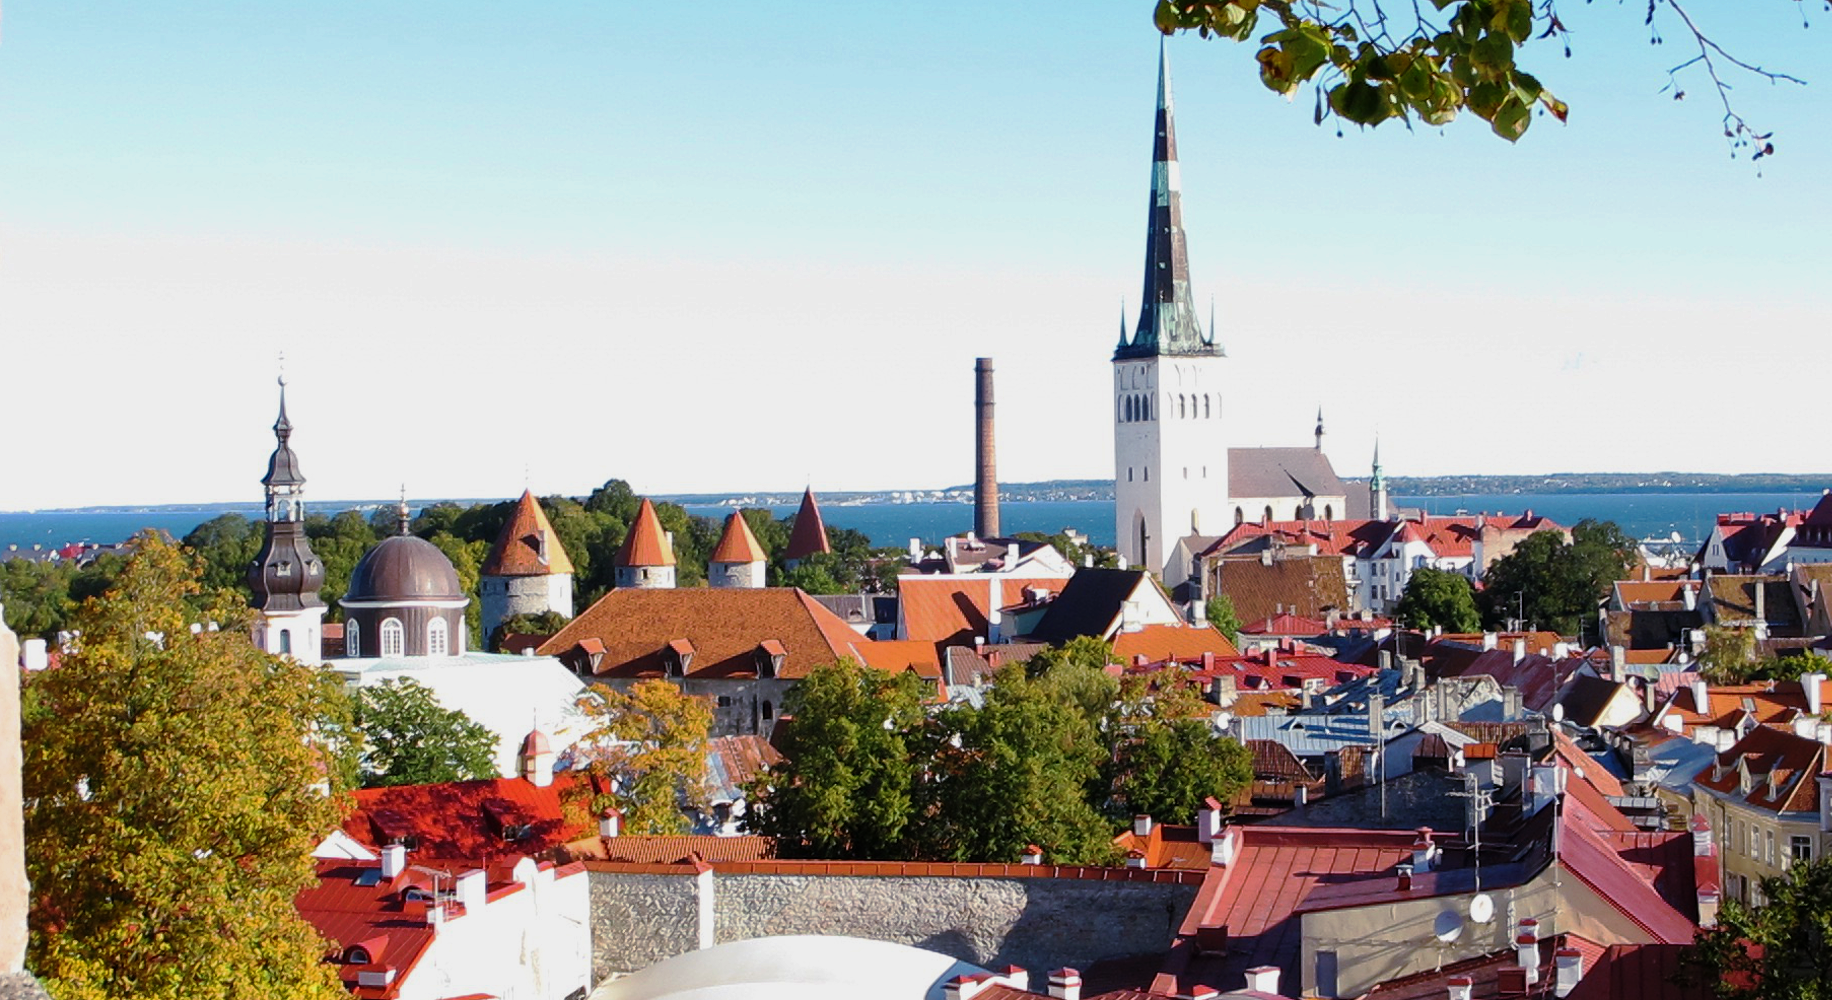 Vinn en tur til Tallinn!